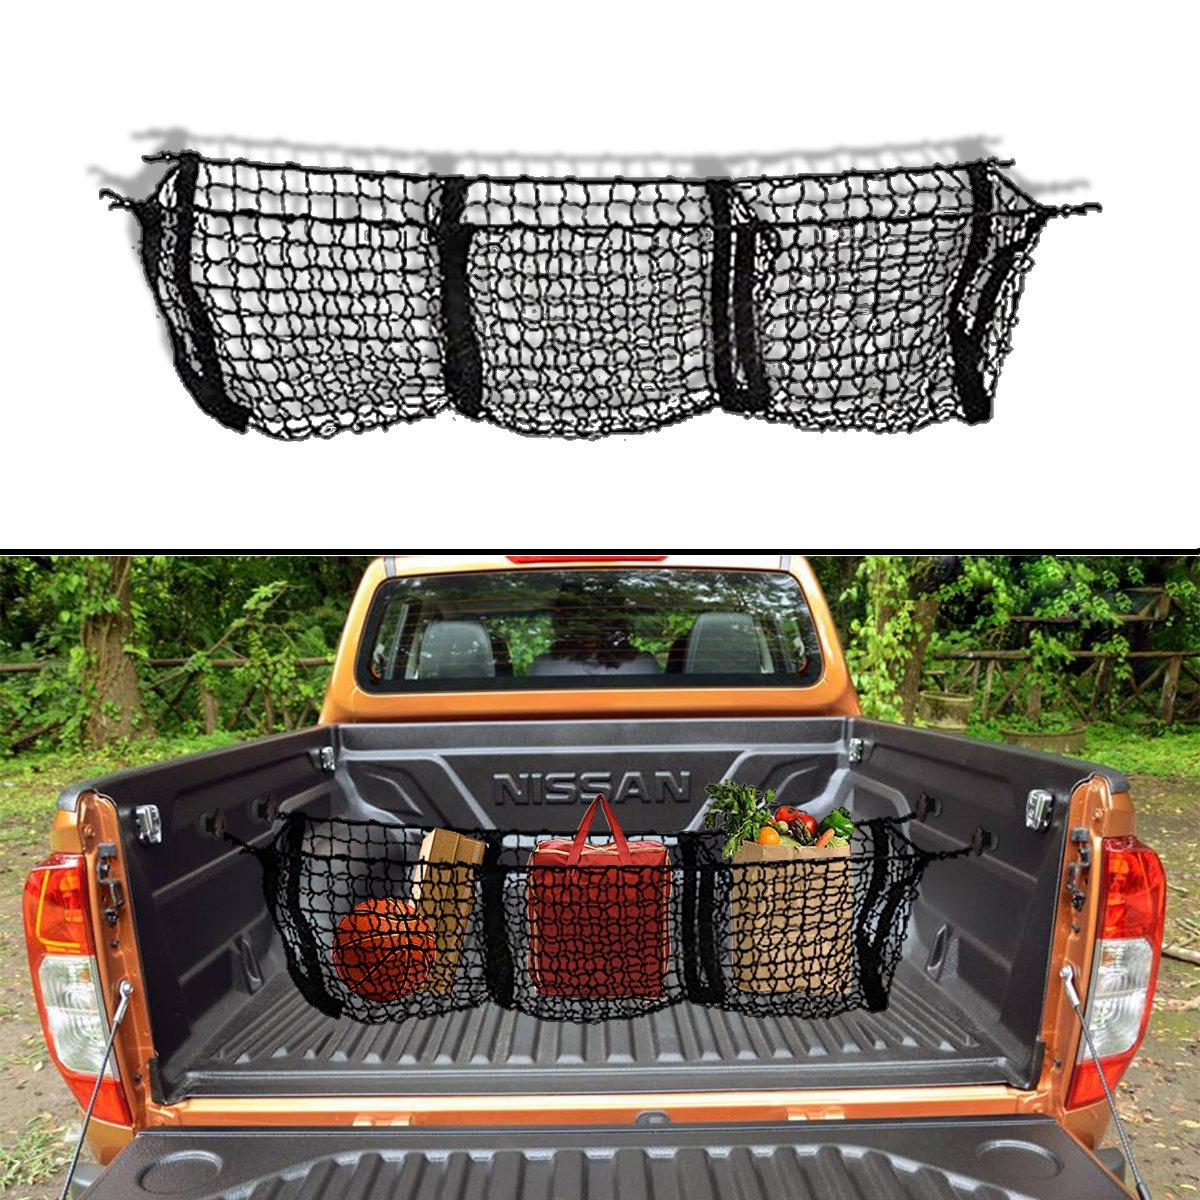 VaygWay Truck Accessories - Automotive Black Three Pocket Black Mesh Hammock Storage Trunk Car Organizer Truck Bed Cargo Net